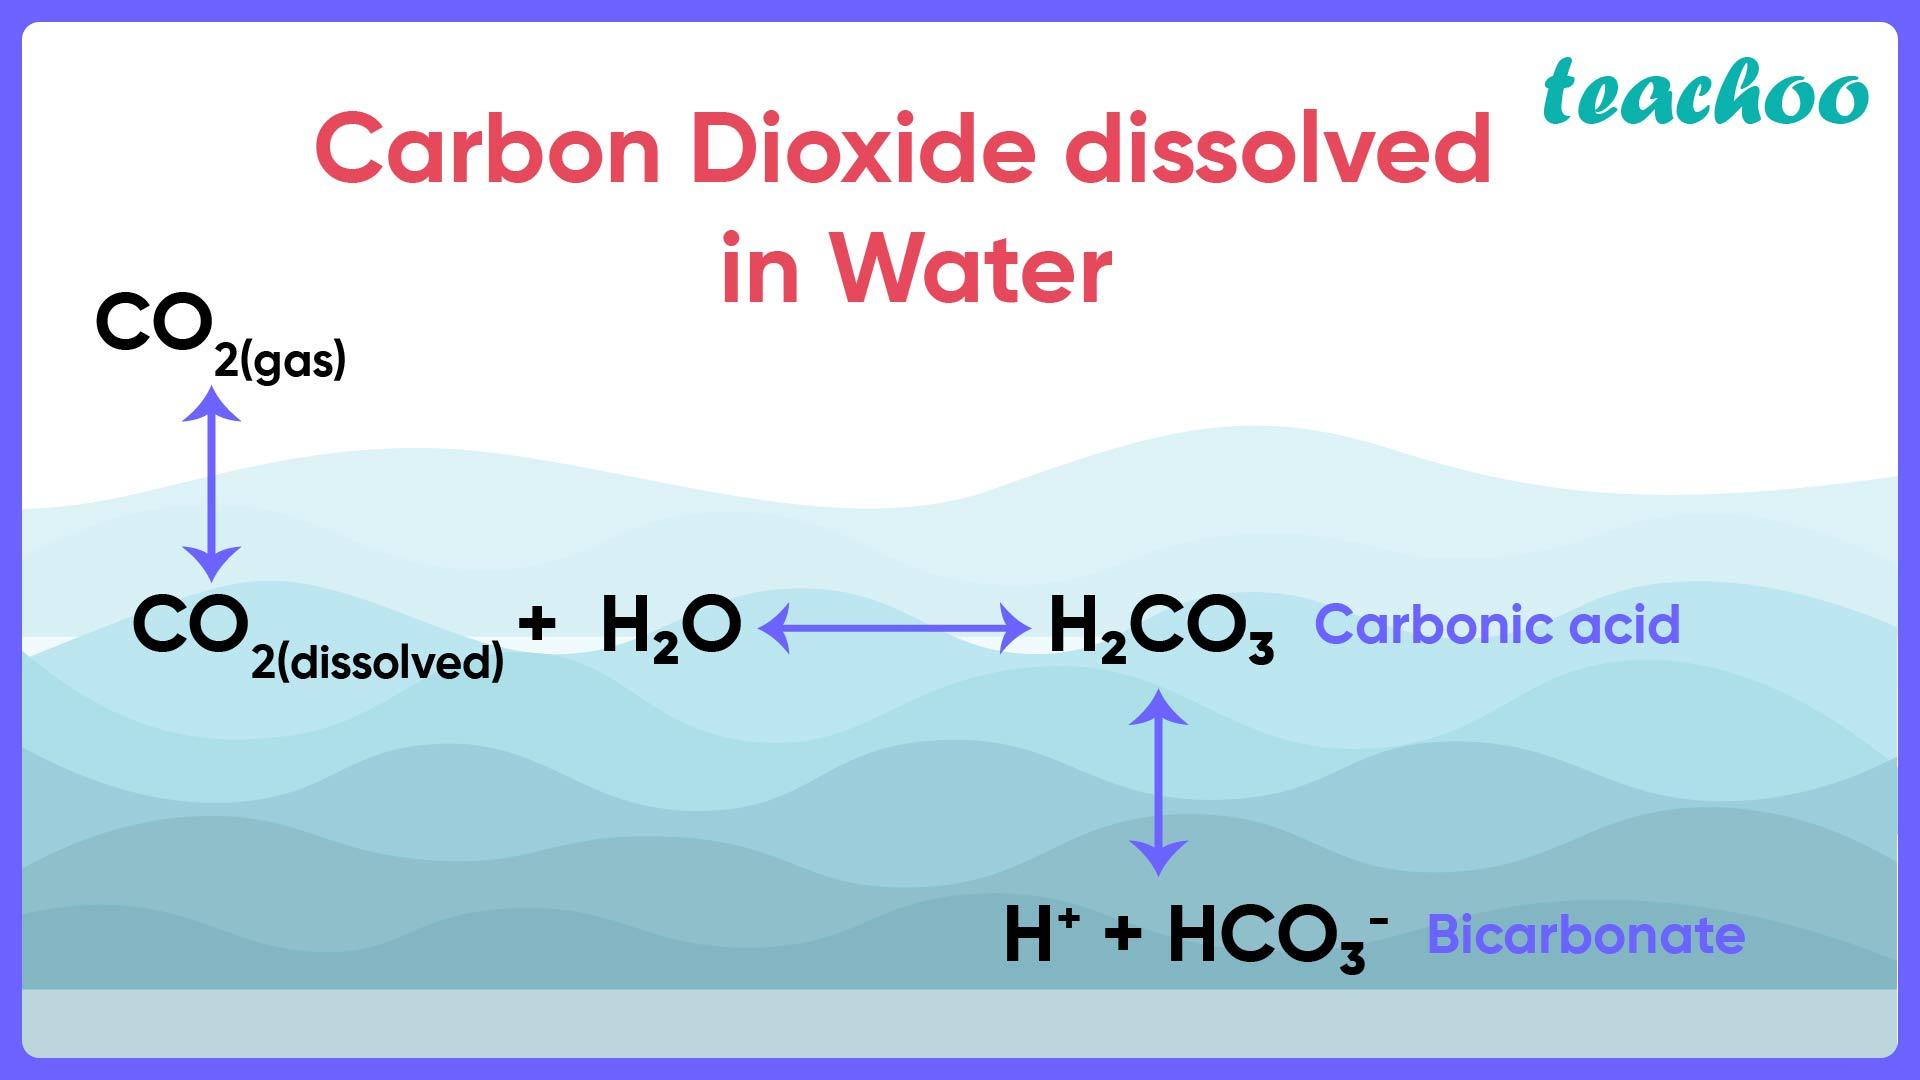 Carbon Dioxide dissolved - Teachoo-01.jpg